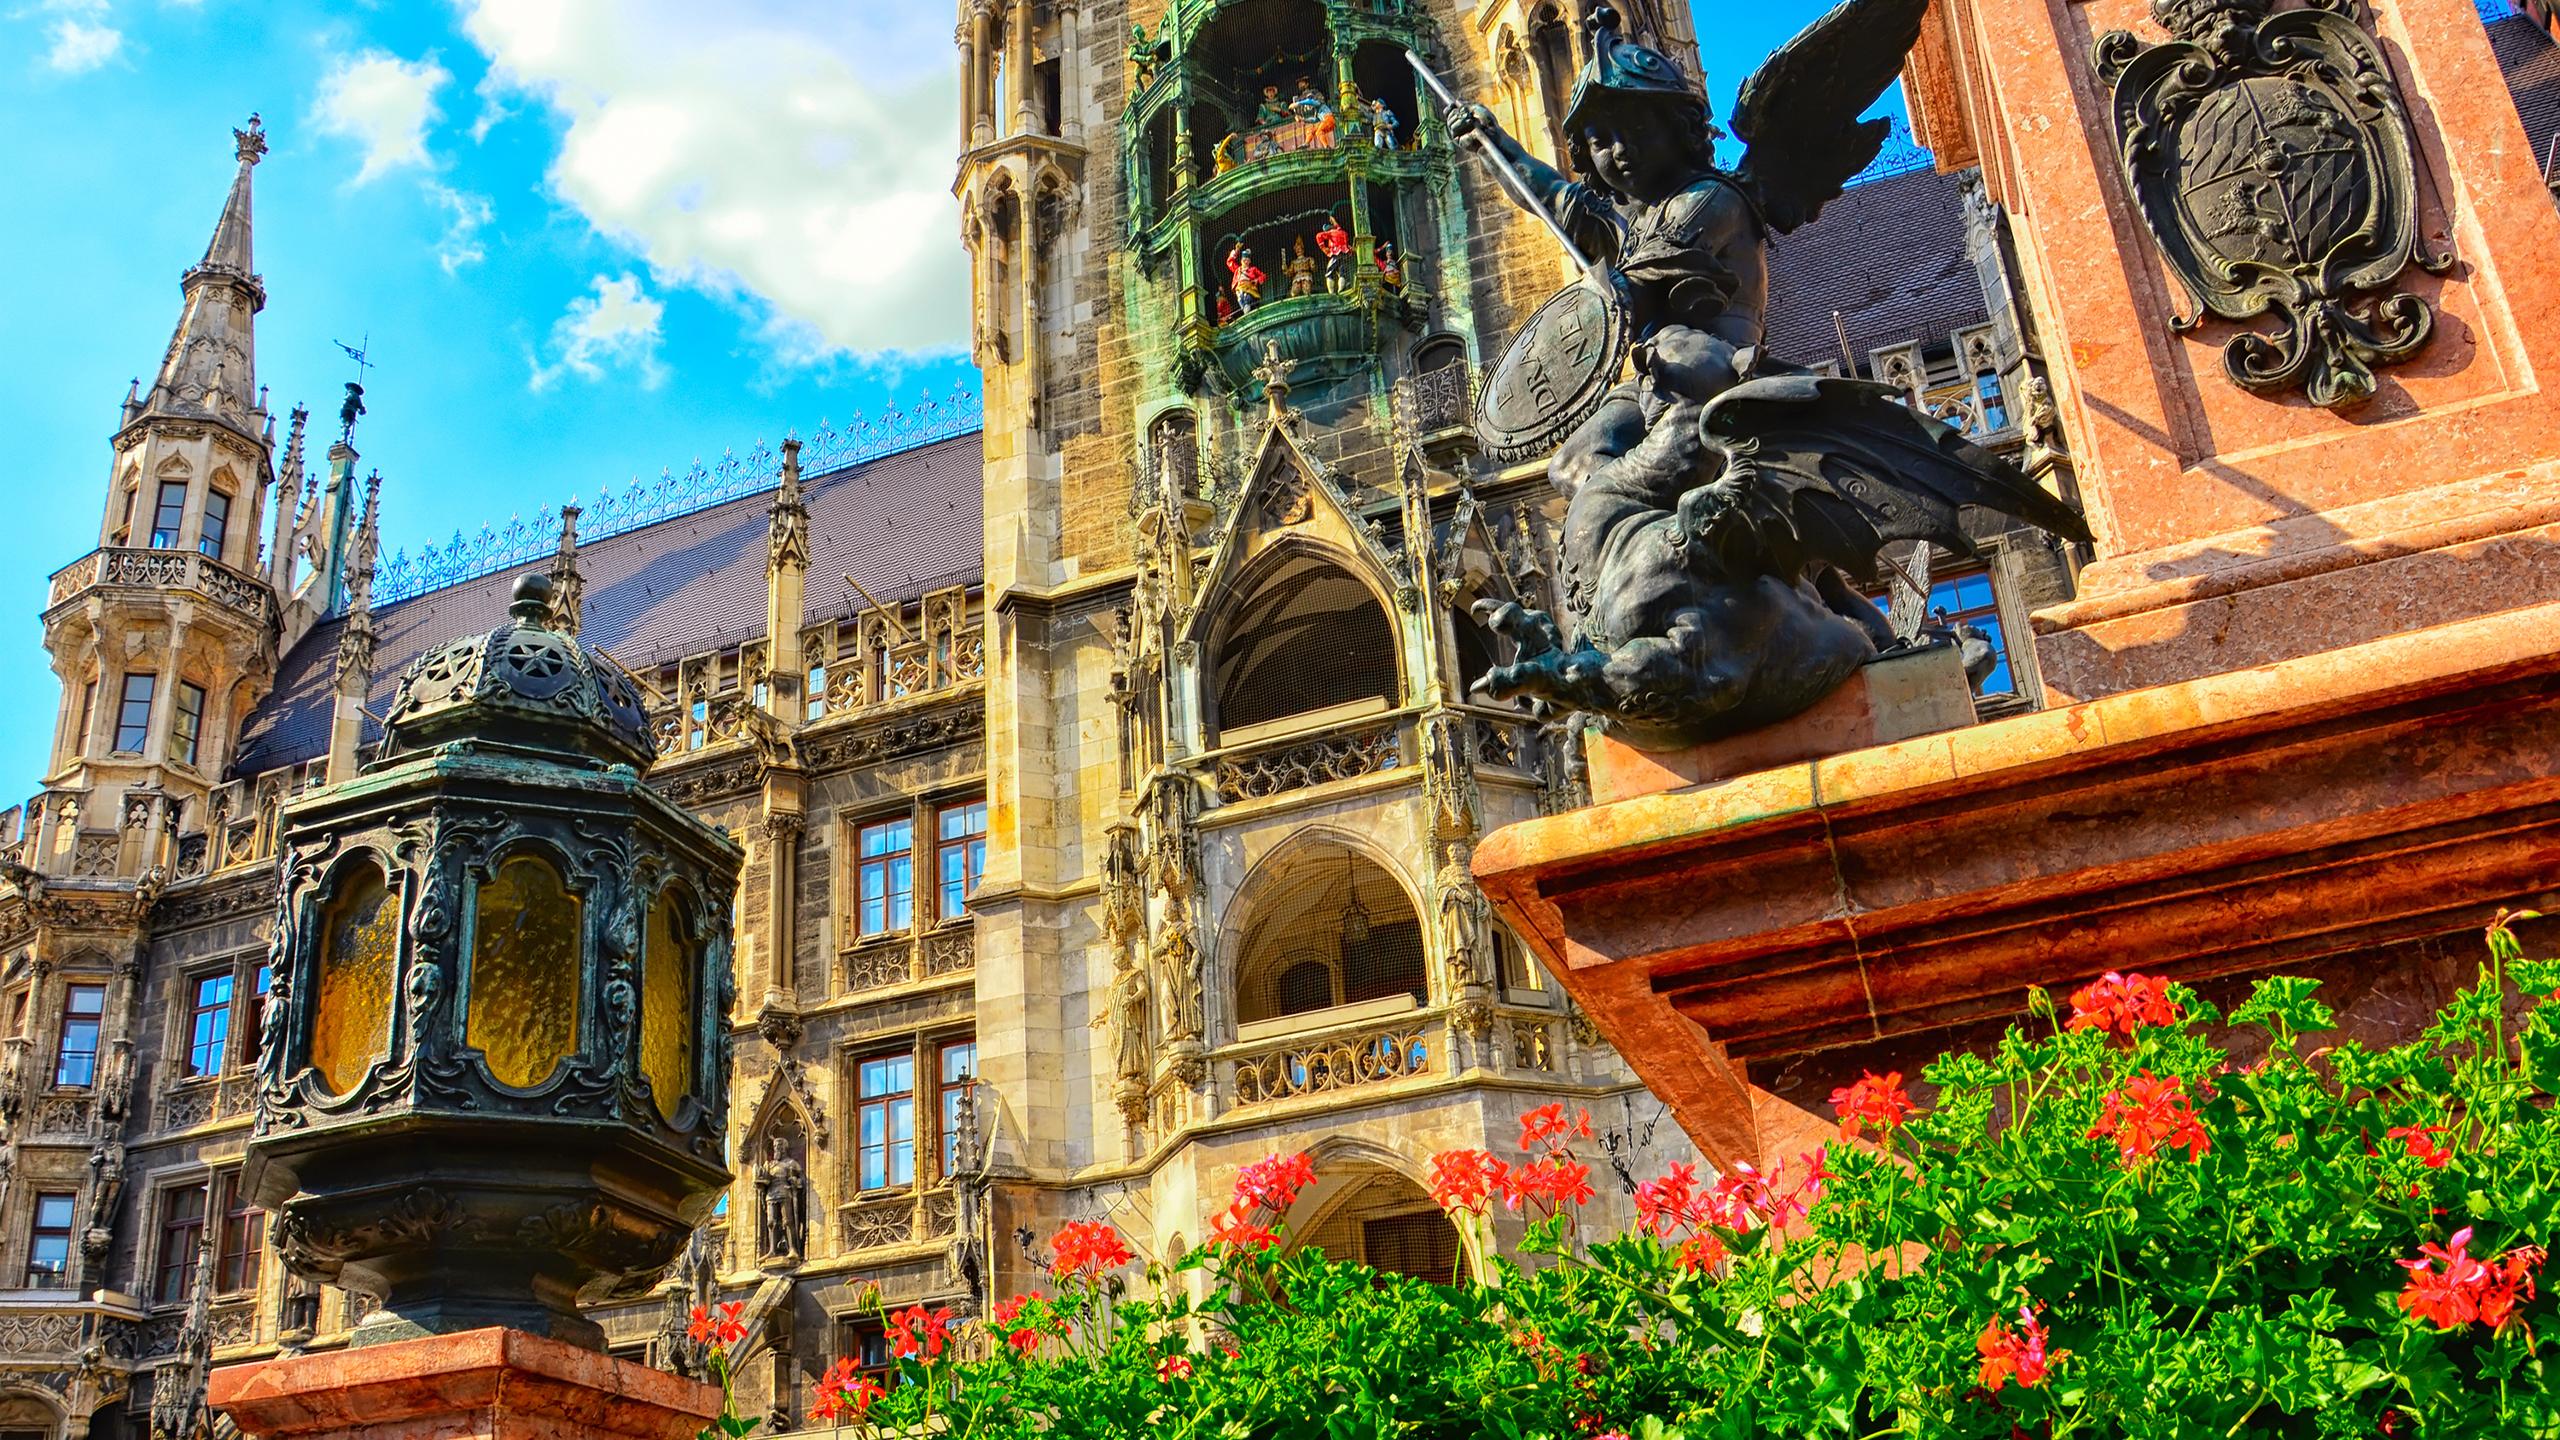 Schönes Bild aus dem Marienplatz in München